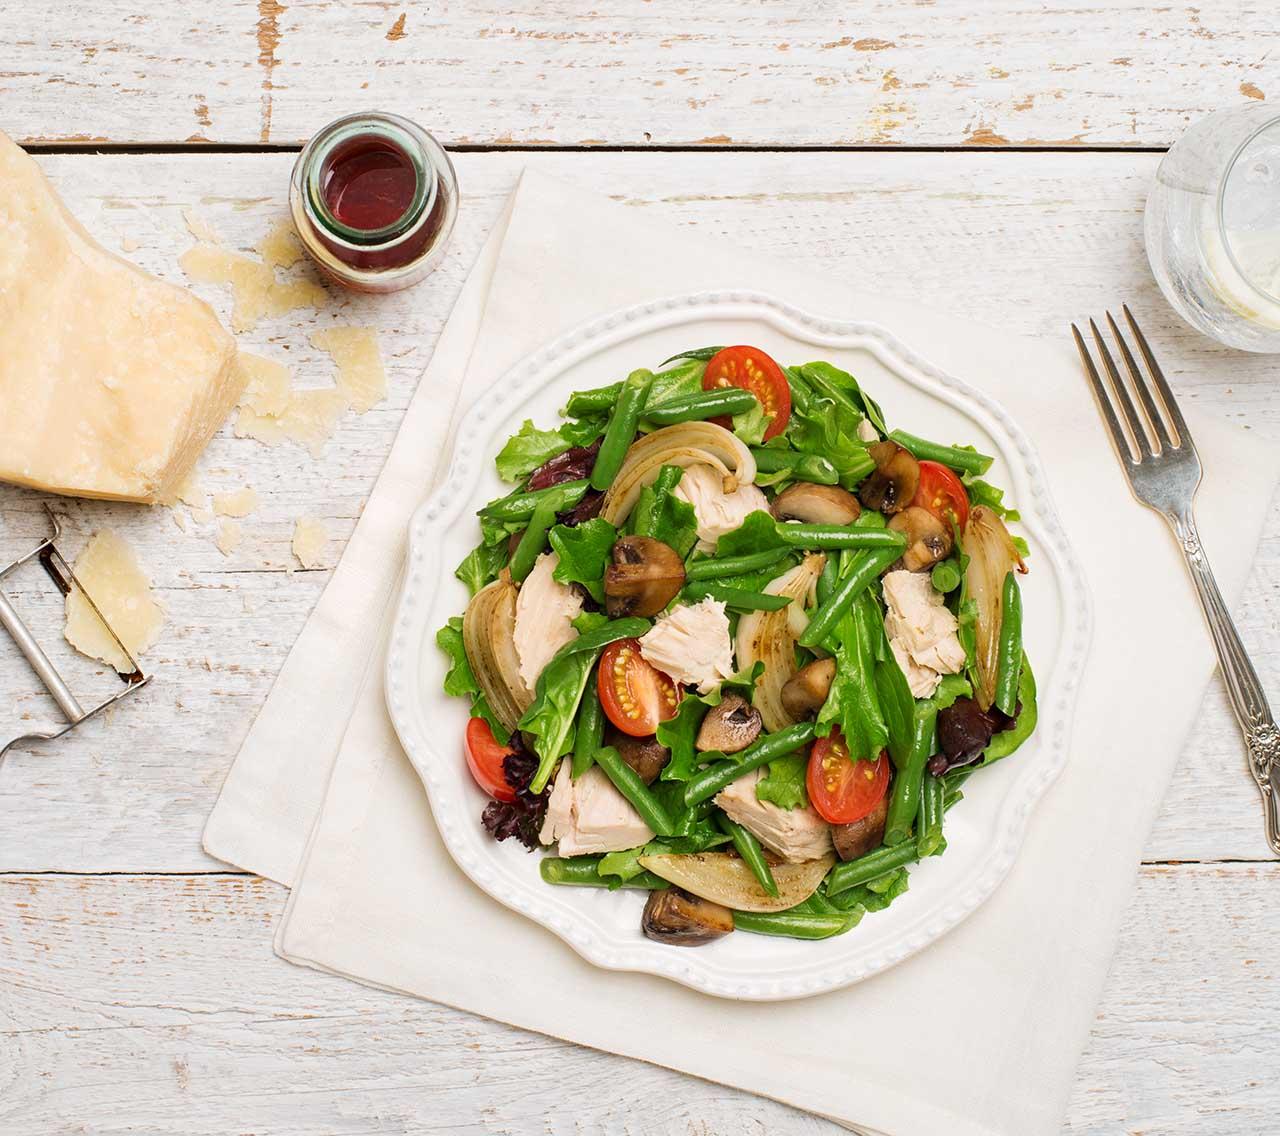 Salade de légumes tiède au thon